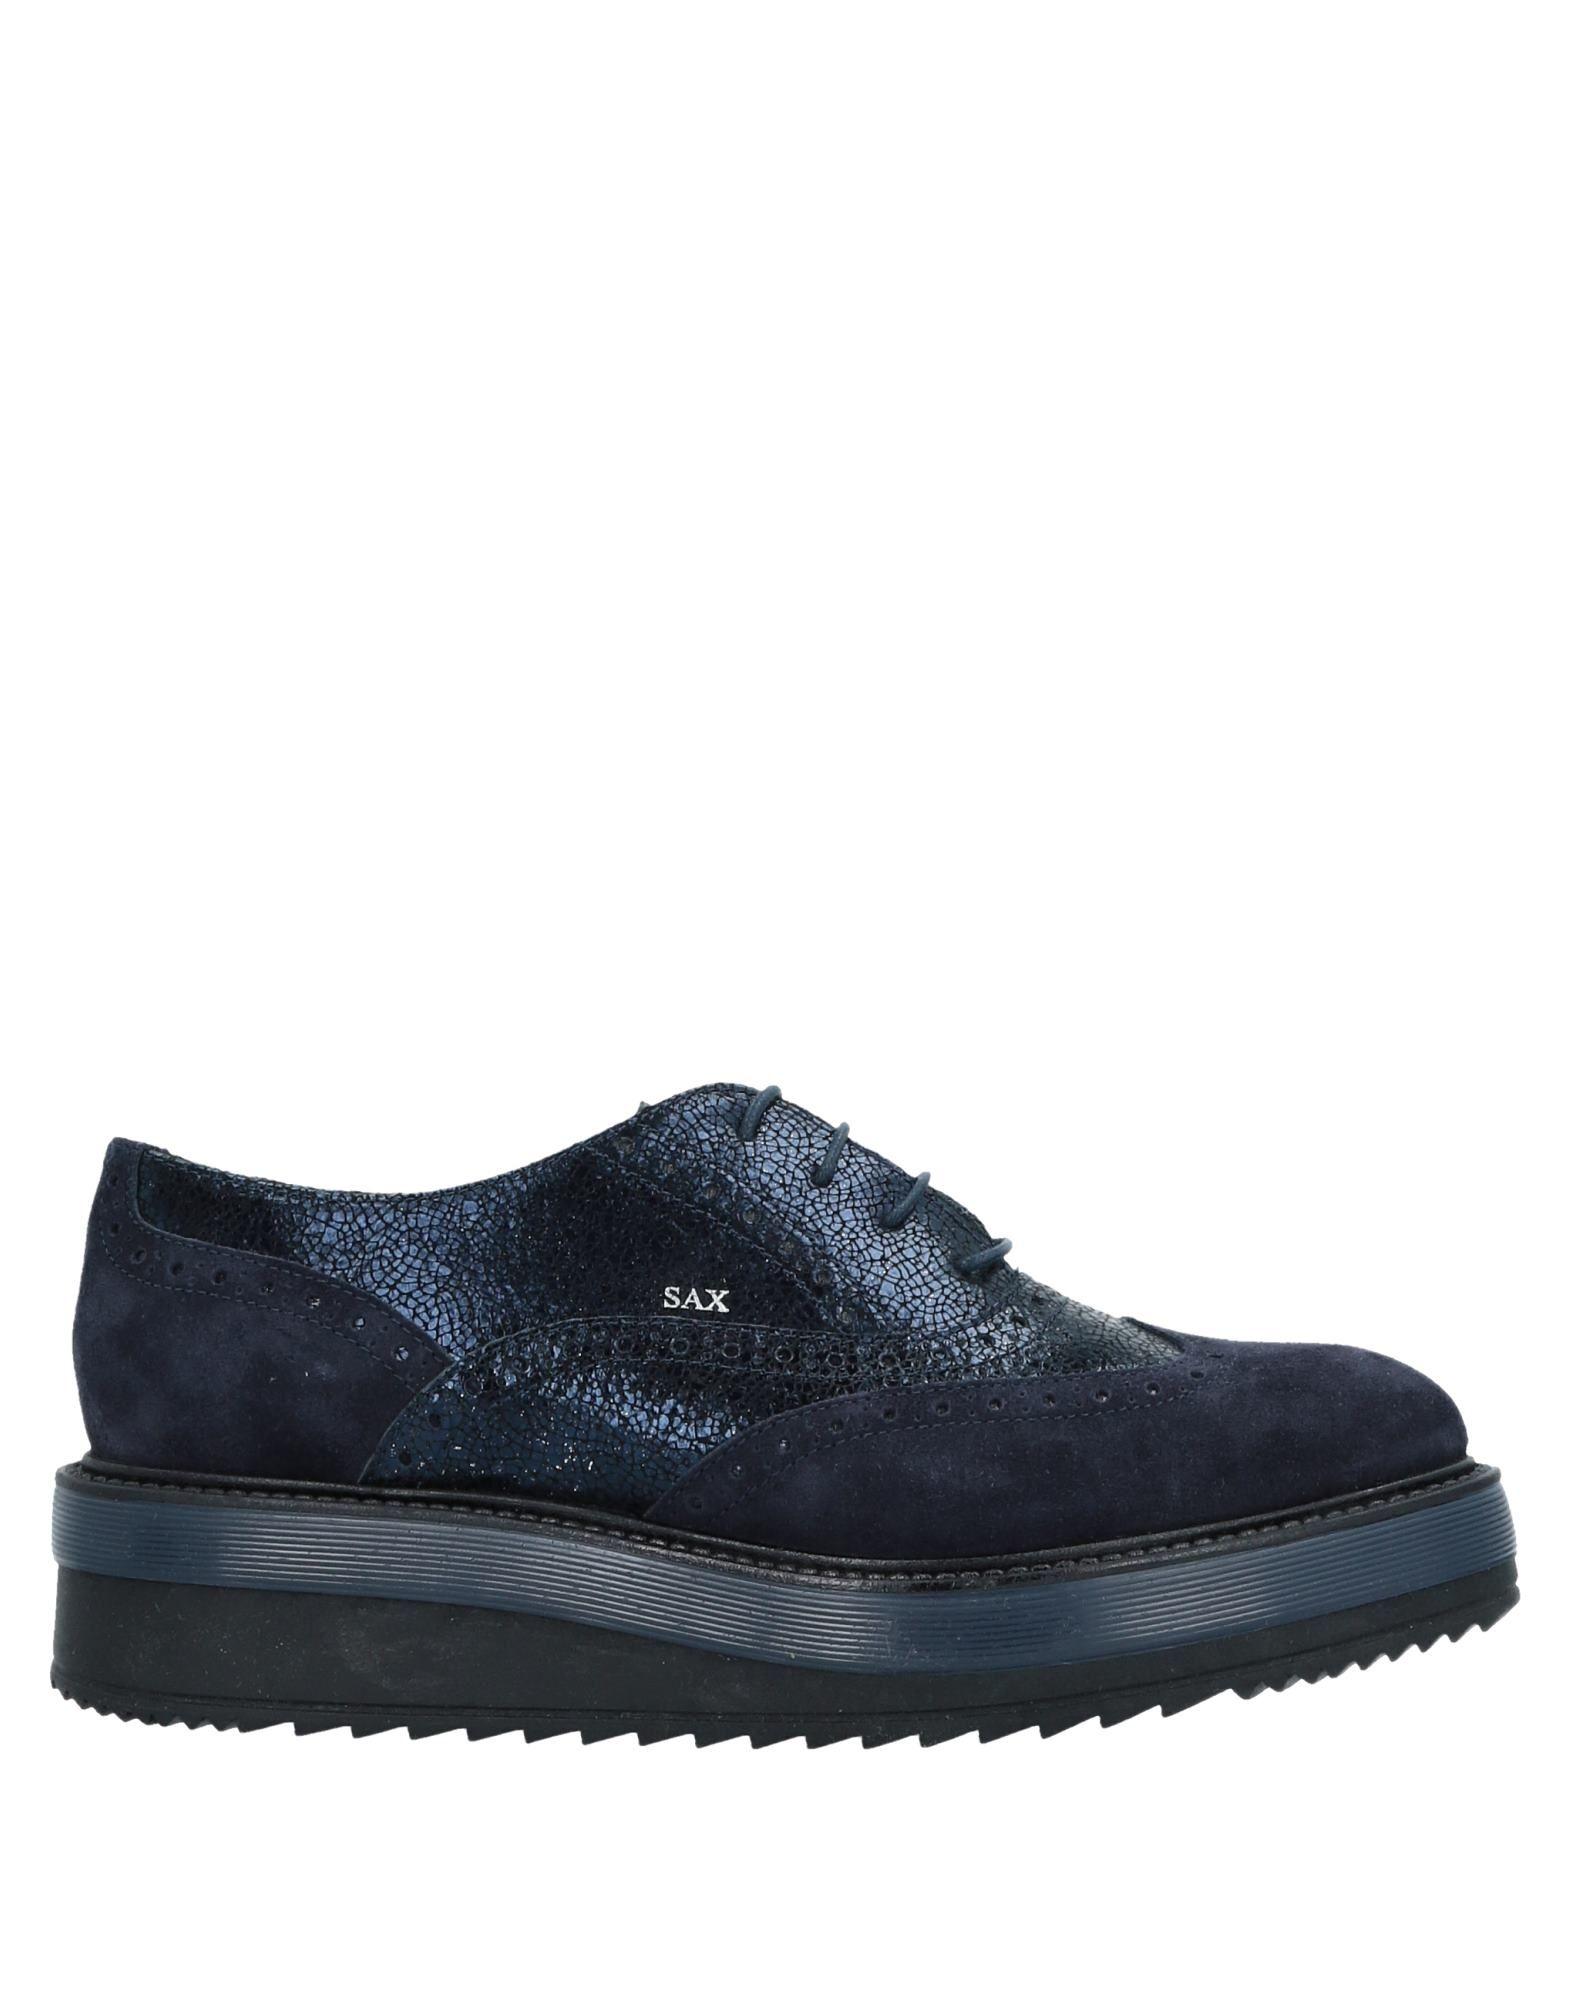 Sax Schnürschuhe Damen Schuhe  11517821EU Gute Qualität beliebte Schuhe Damen 6d43fd